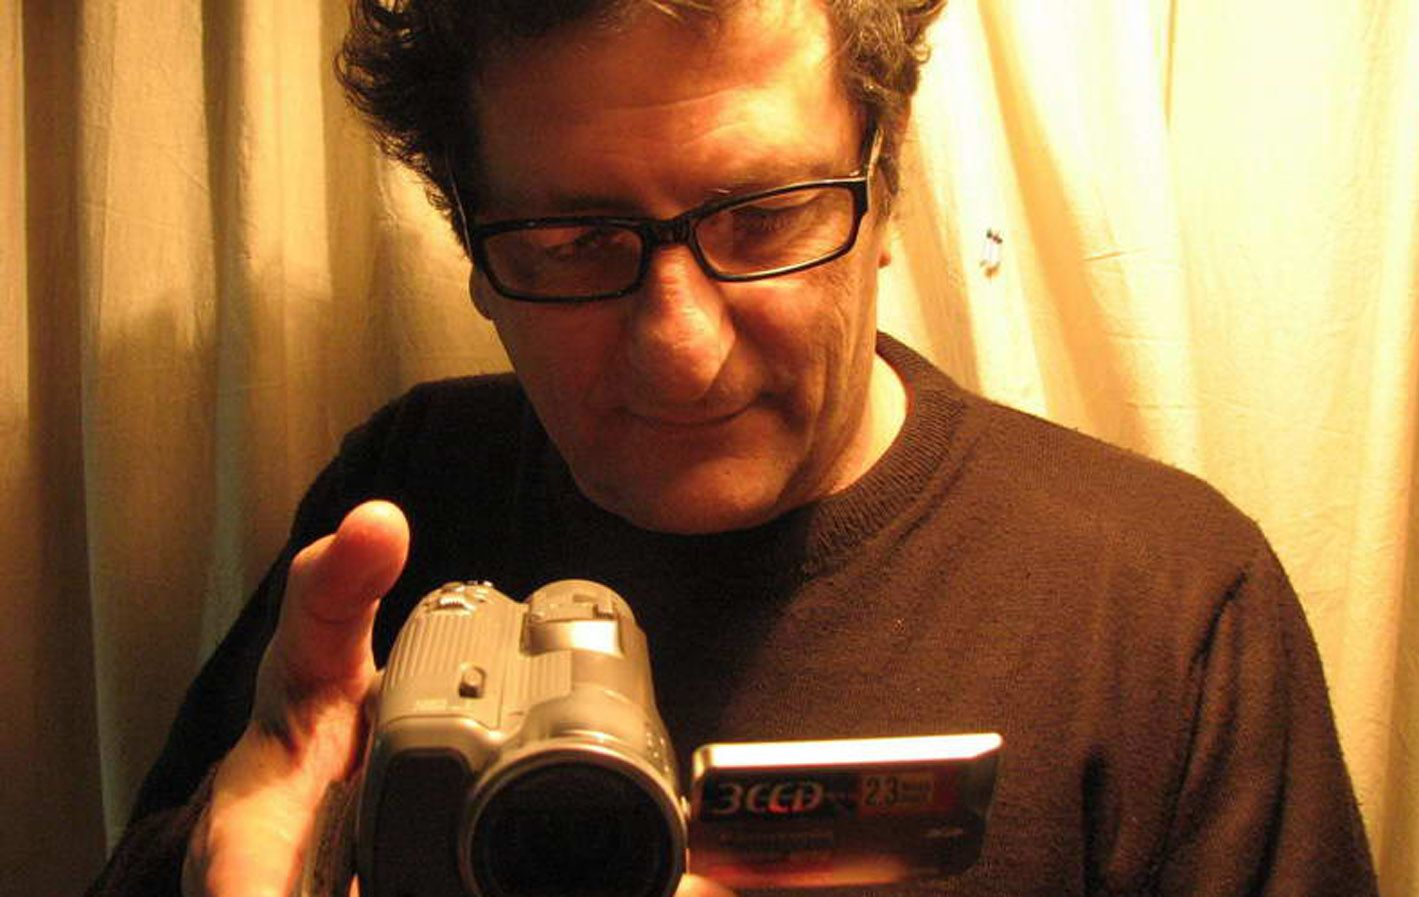 En la búsqueda. Raúl Perrone venía de ganar en el Bafici con este filme.